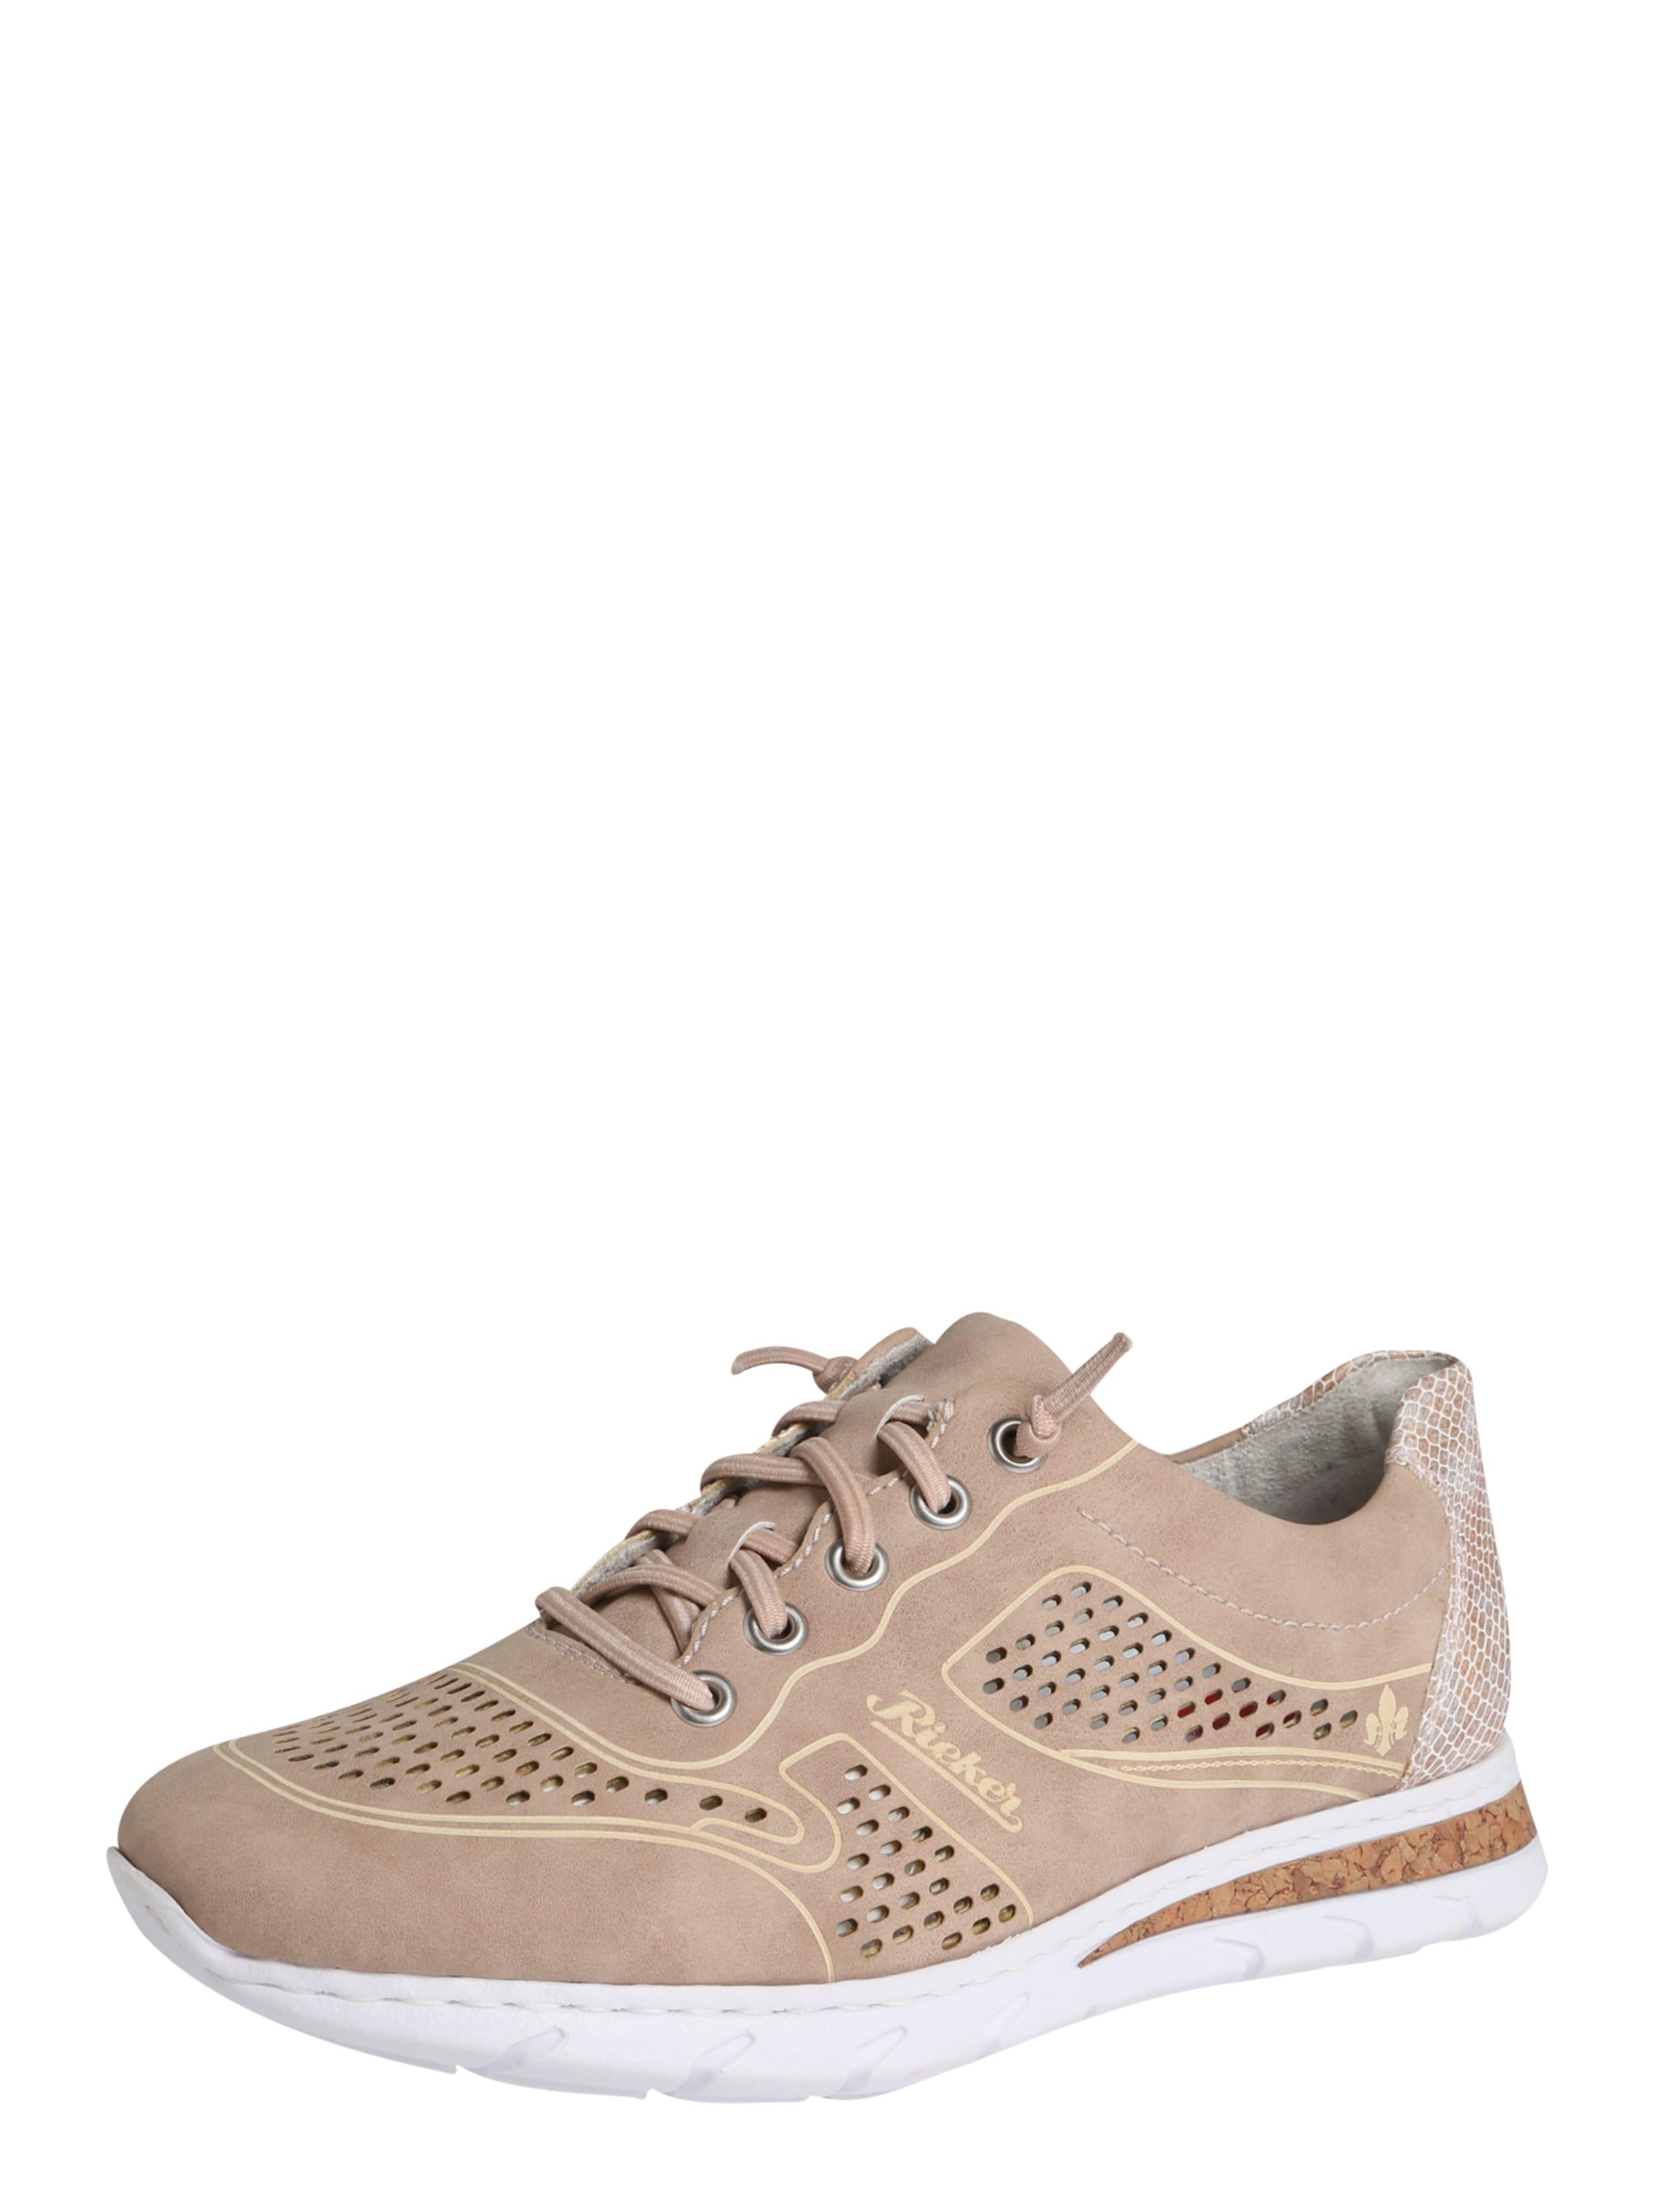 RIEKER Sneaker Verschleißfeste billige Schuhe Hohe Qualität